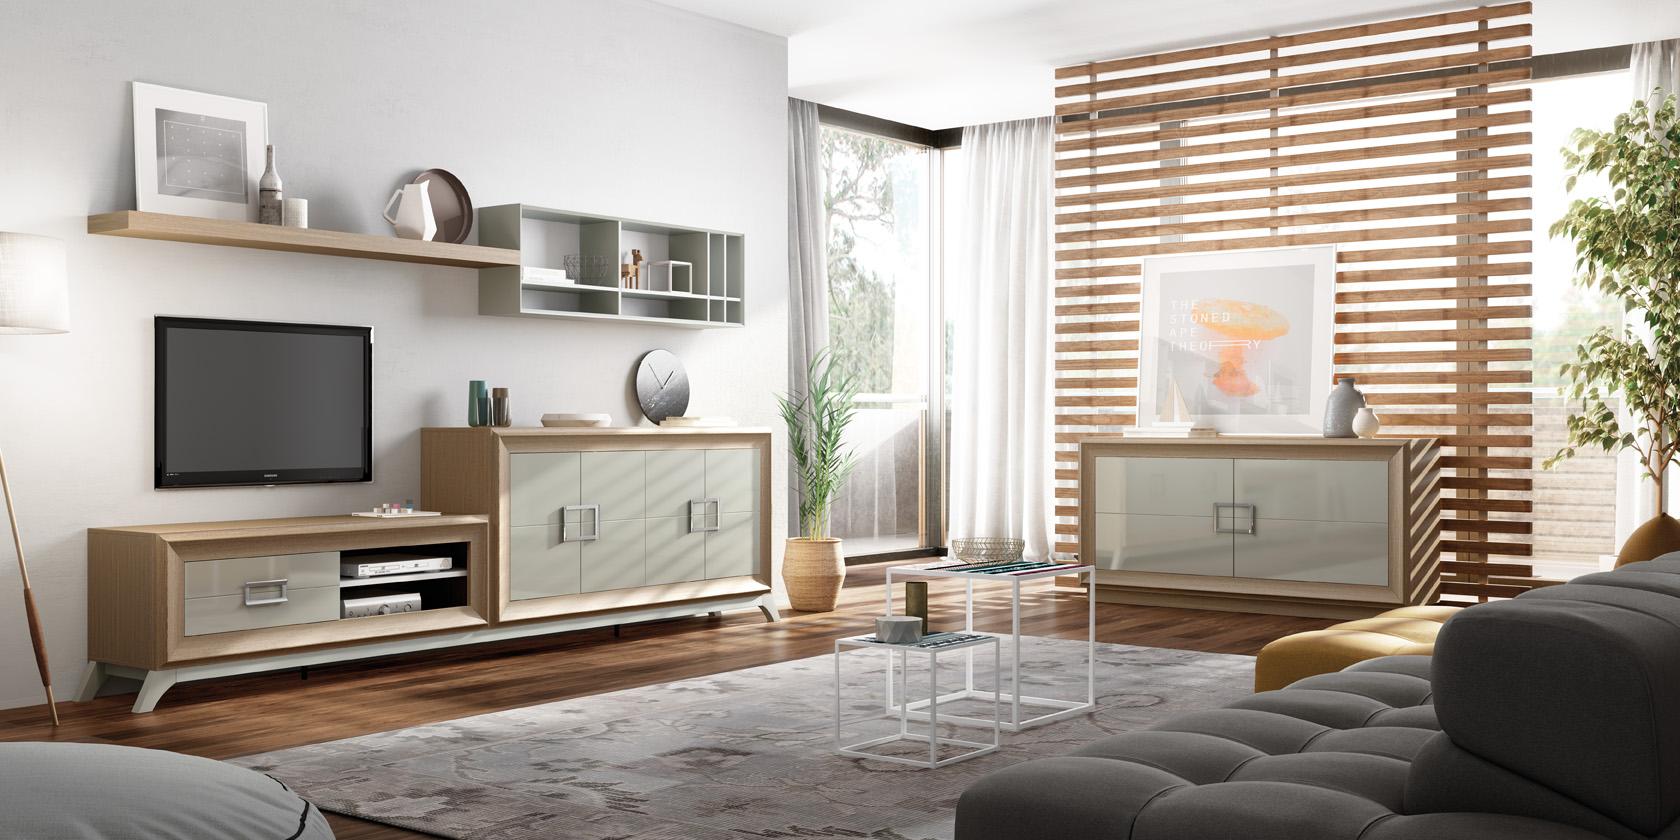 salon-contemporaneo-L-GANT-muebles-paco-caballero-724-5cc6bd7f5055e